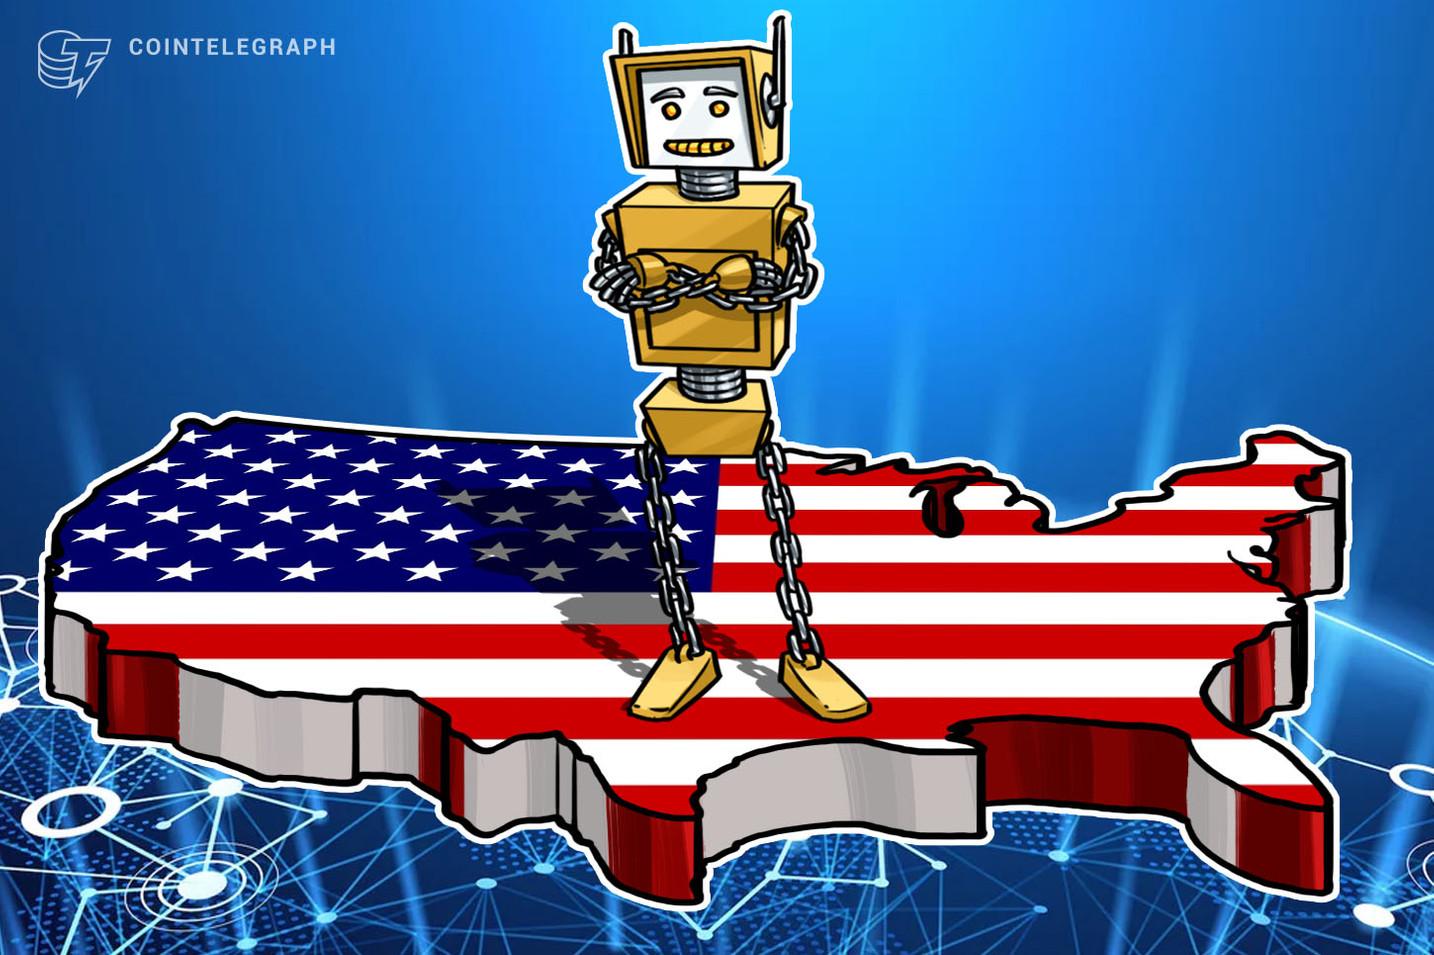 Proyecto de ley de Blockchain en Colorado rechazado en Senado estatal